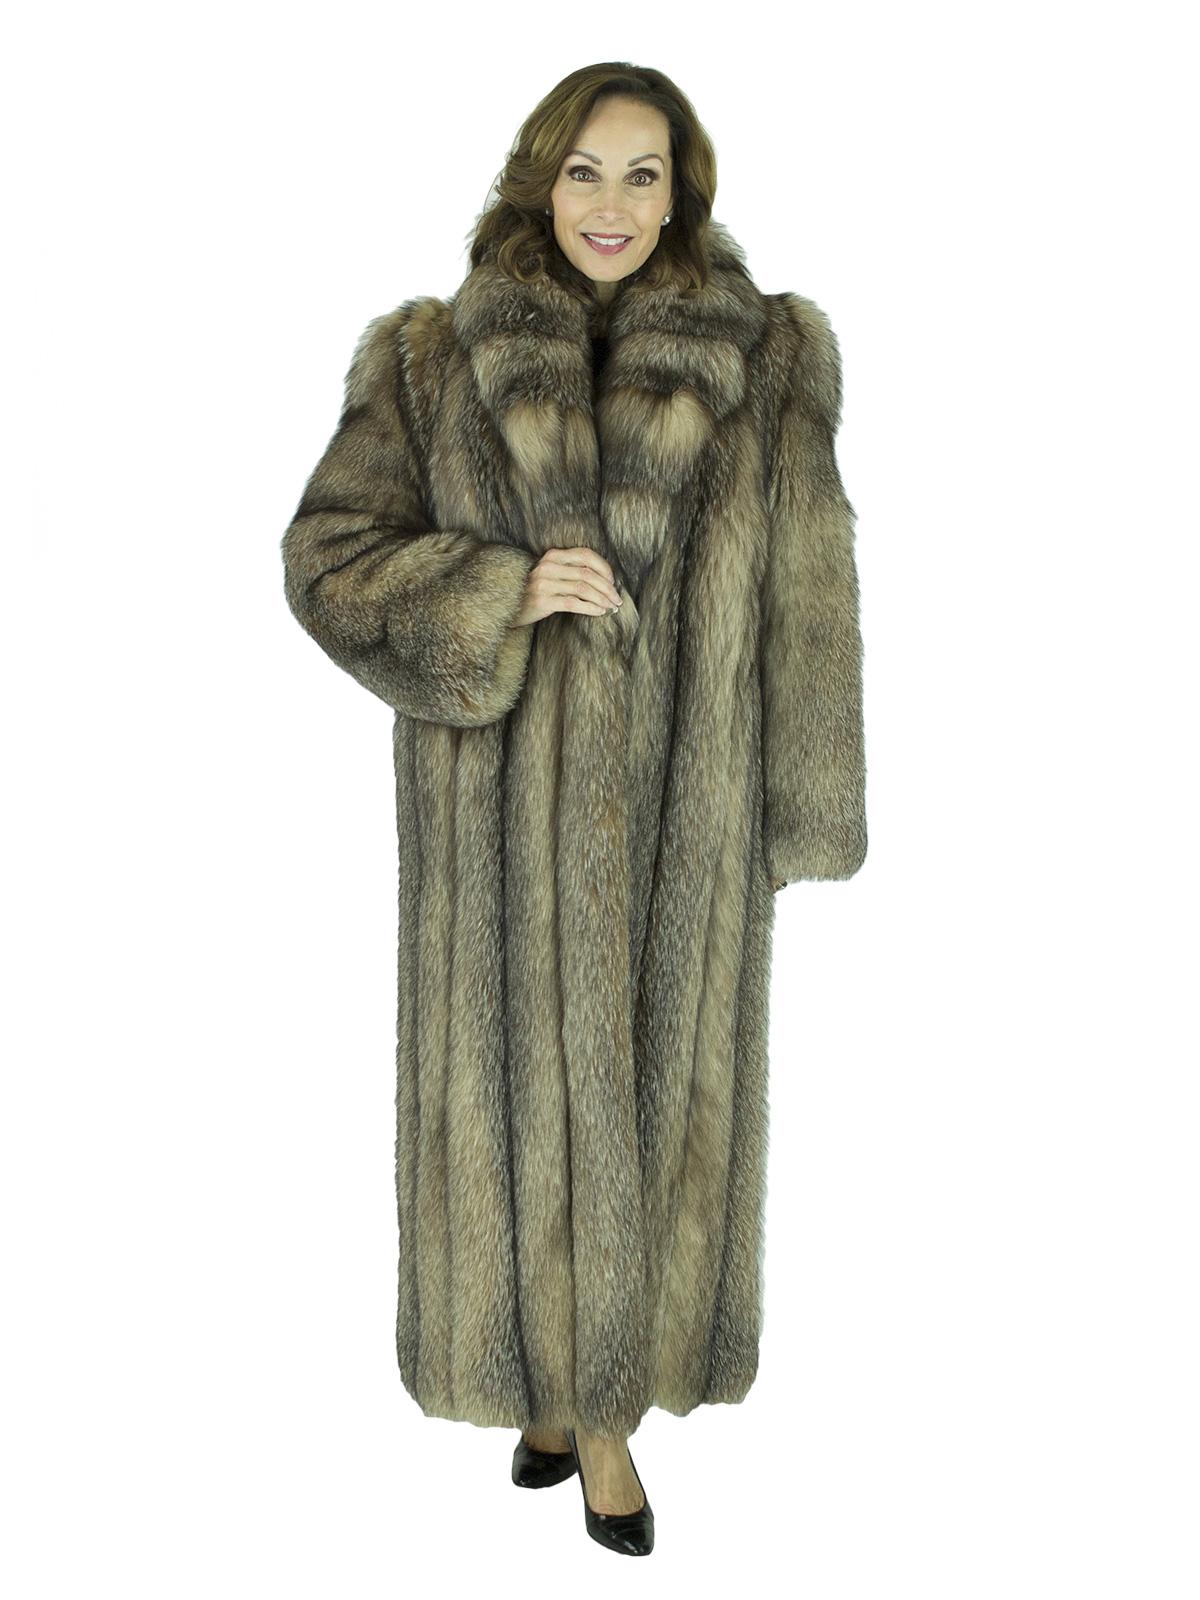 d2937590e Crystal Fox Fur Coat - Women's Fur Coat - Small| Estate Furs